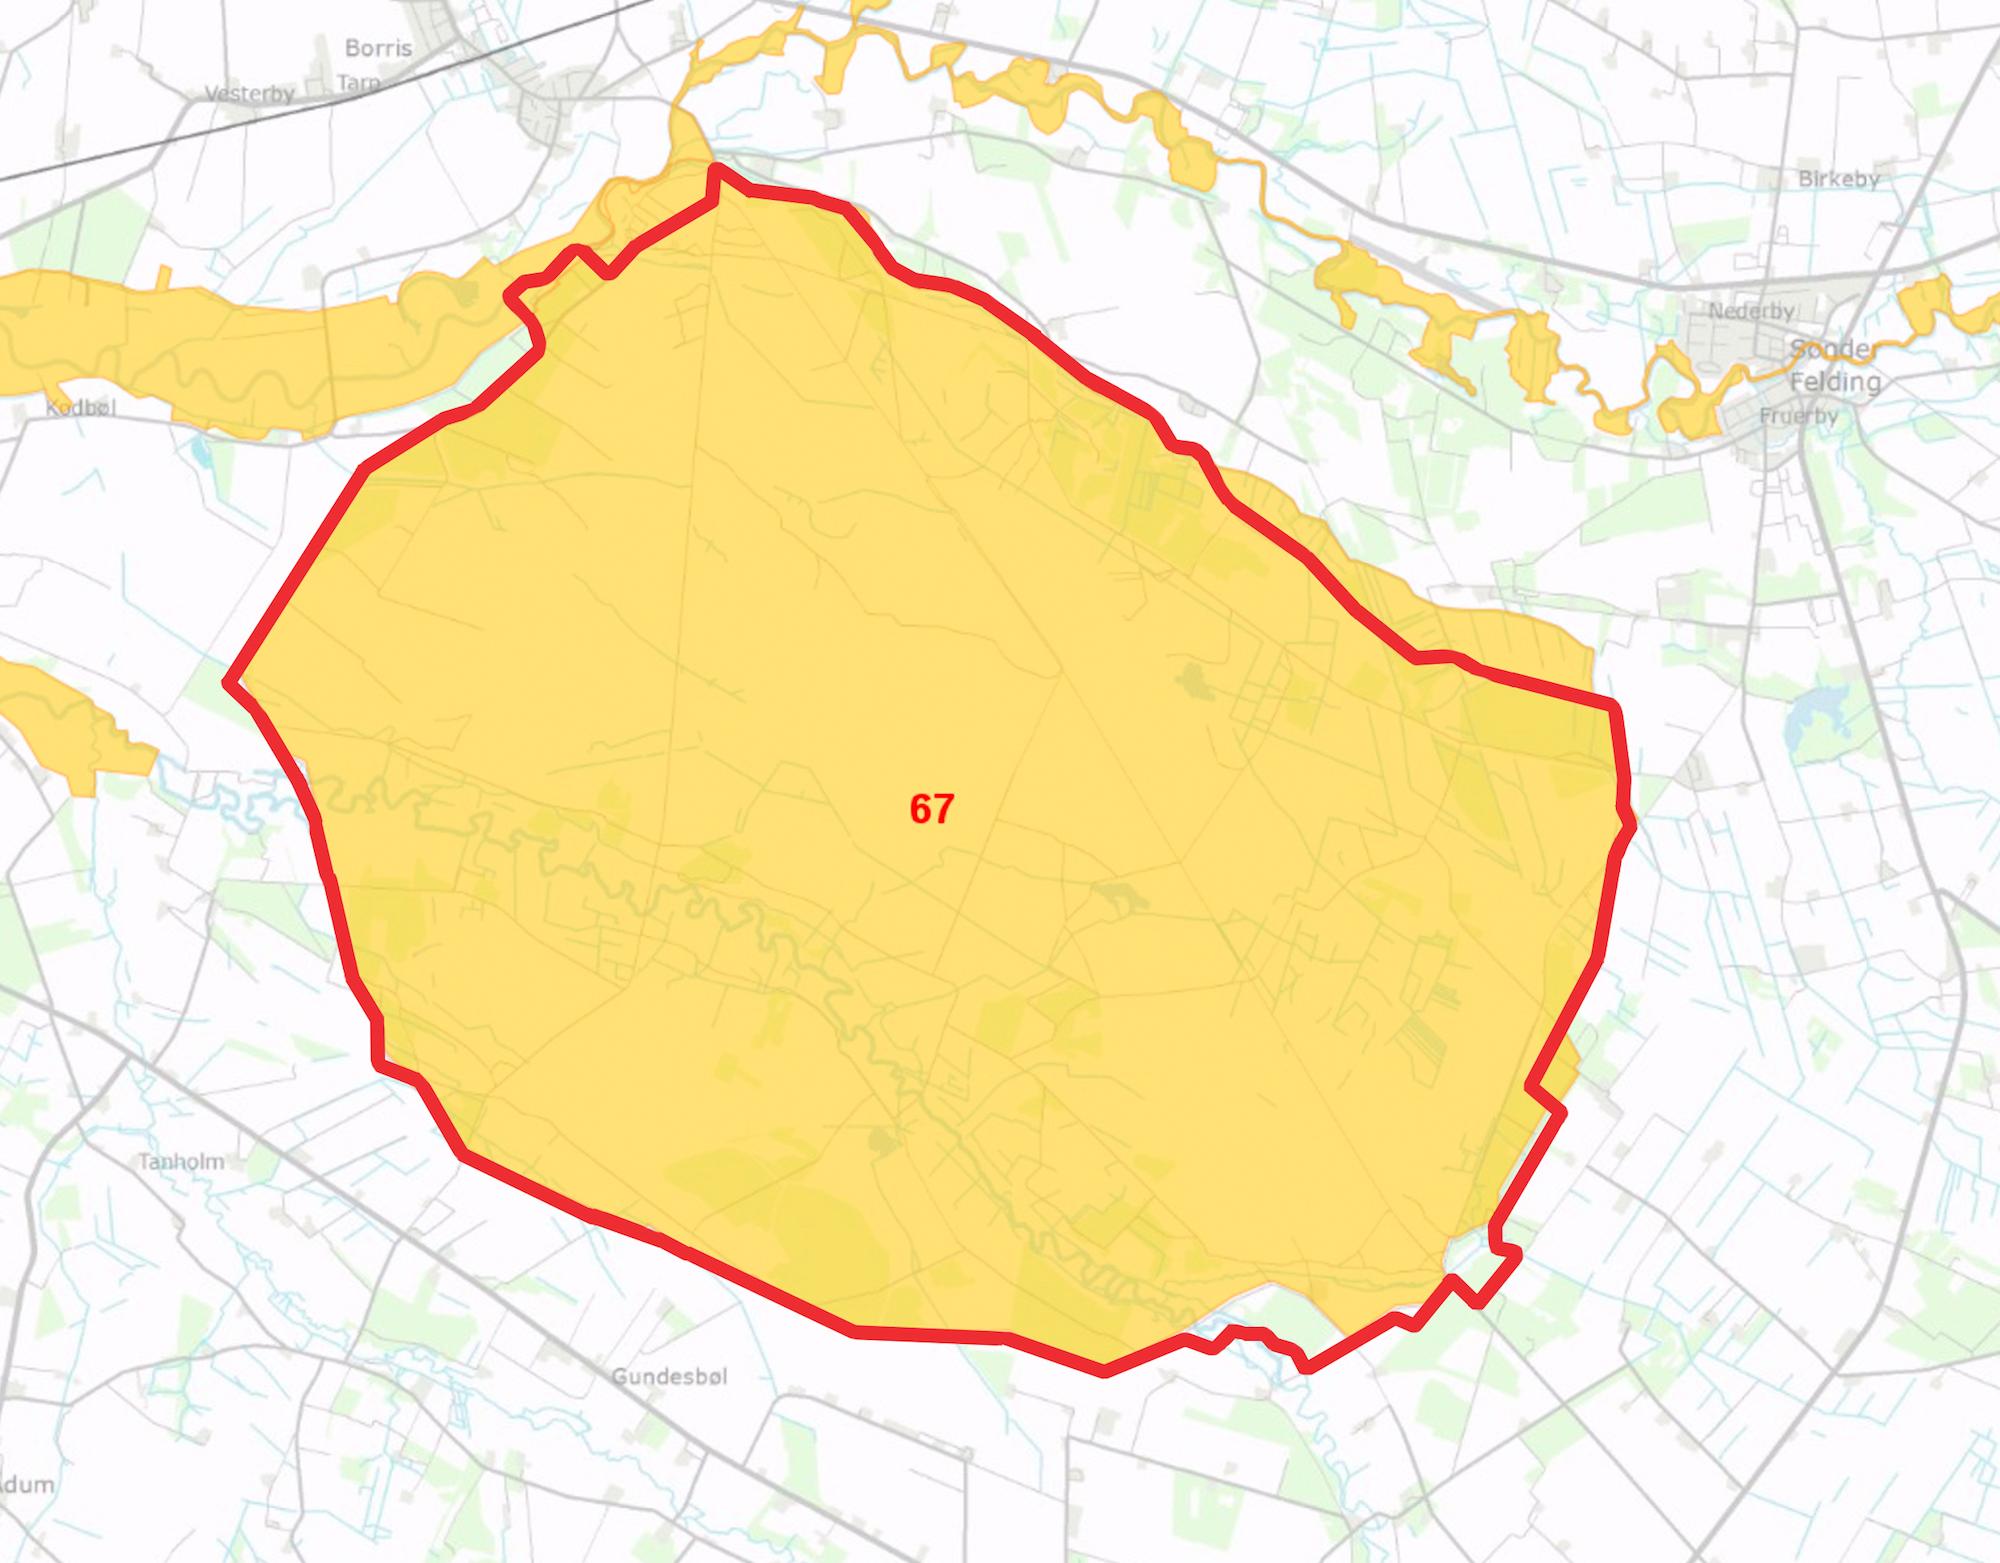 Naturnationalpark Borris overlapper hovedparten af Natura 2000-område nr. 67.